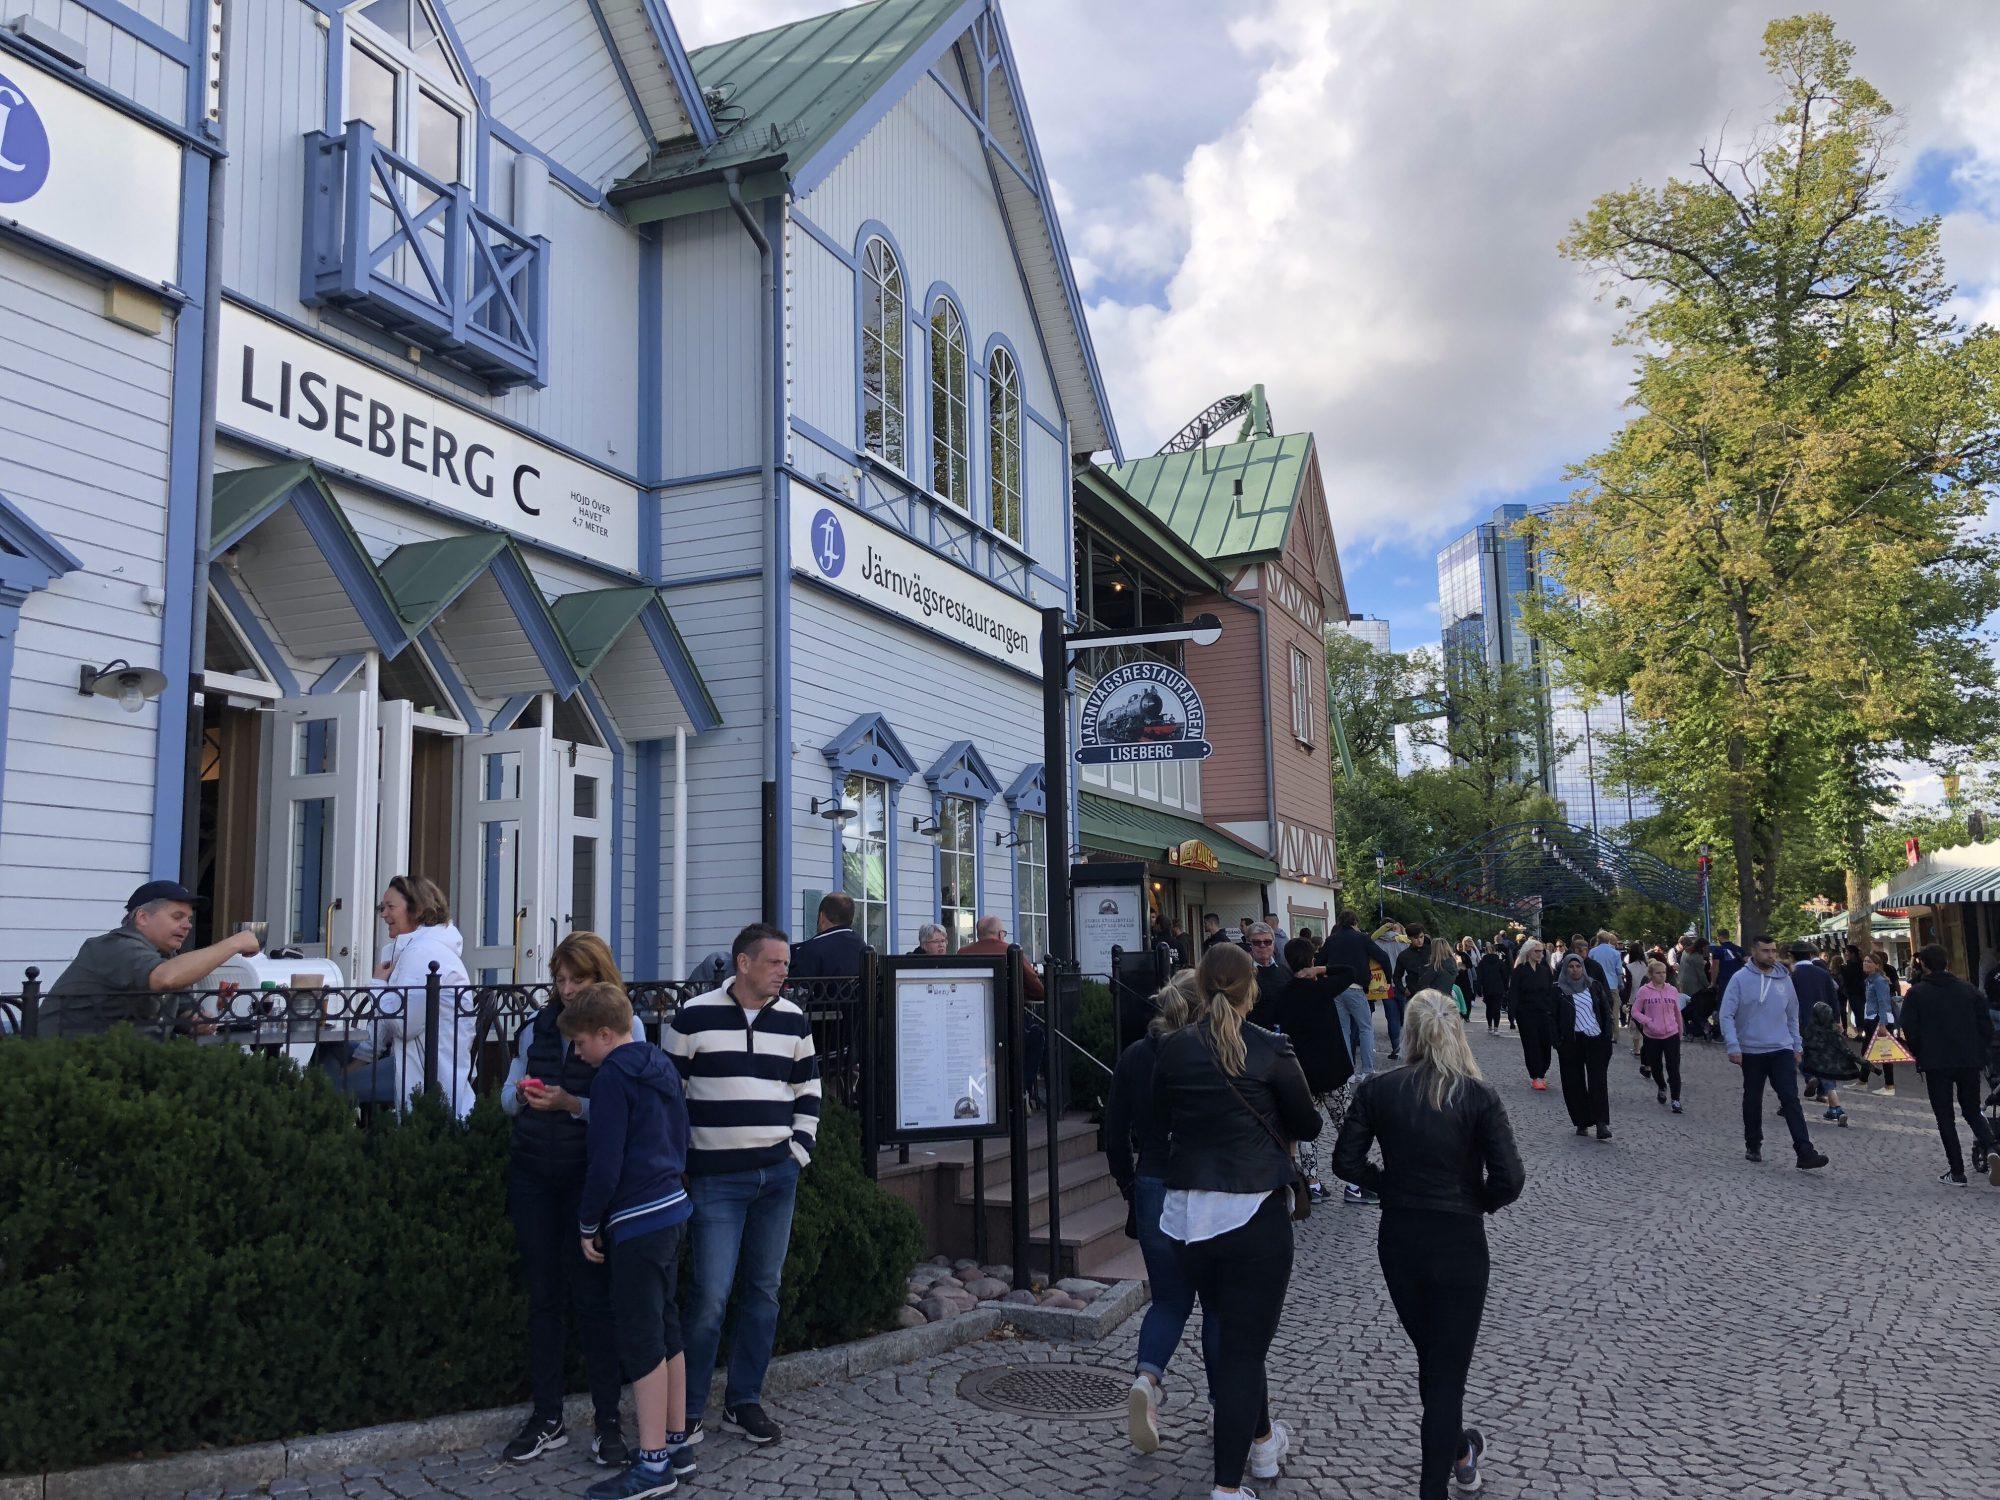 Järnvägsrestaurangen Liseberg